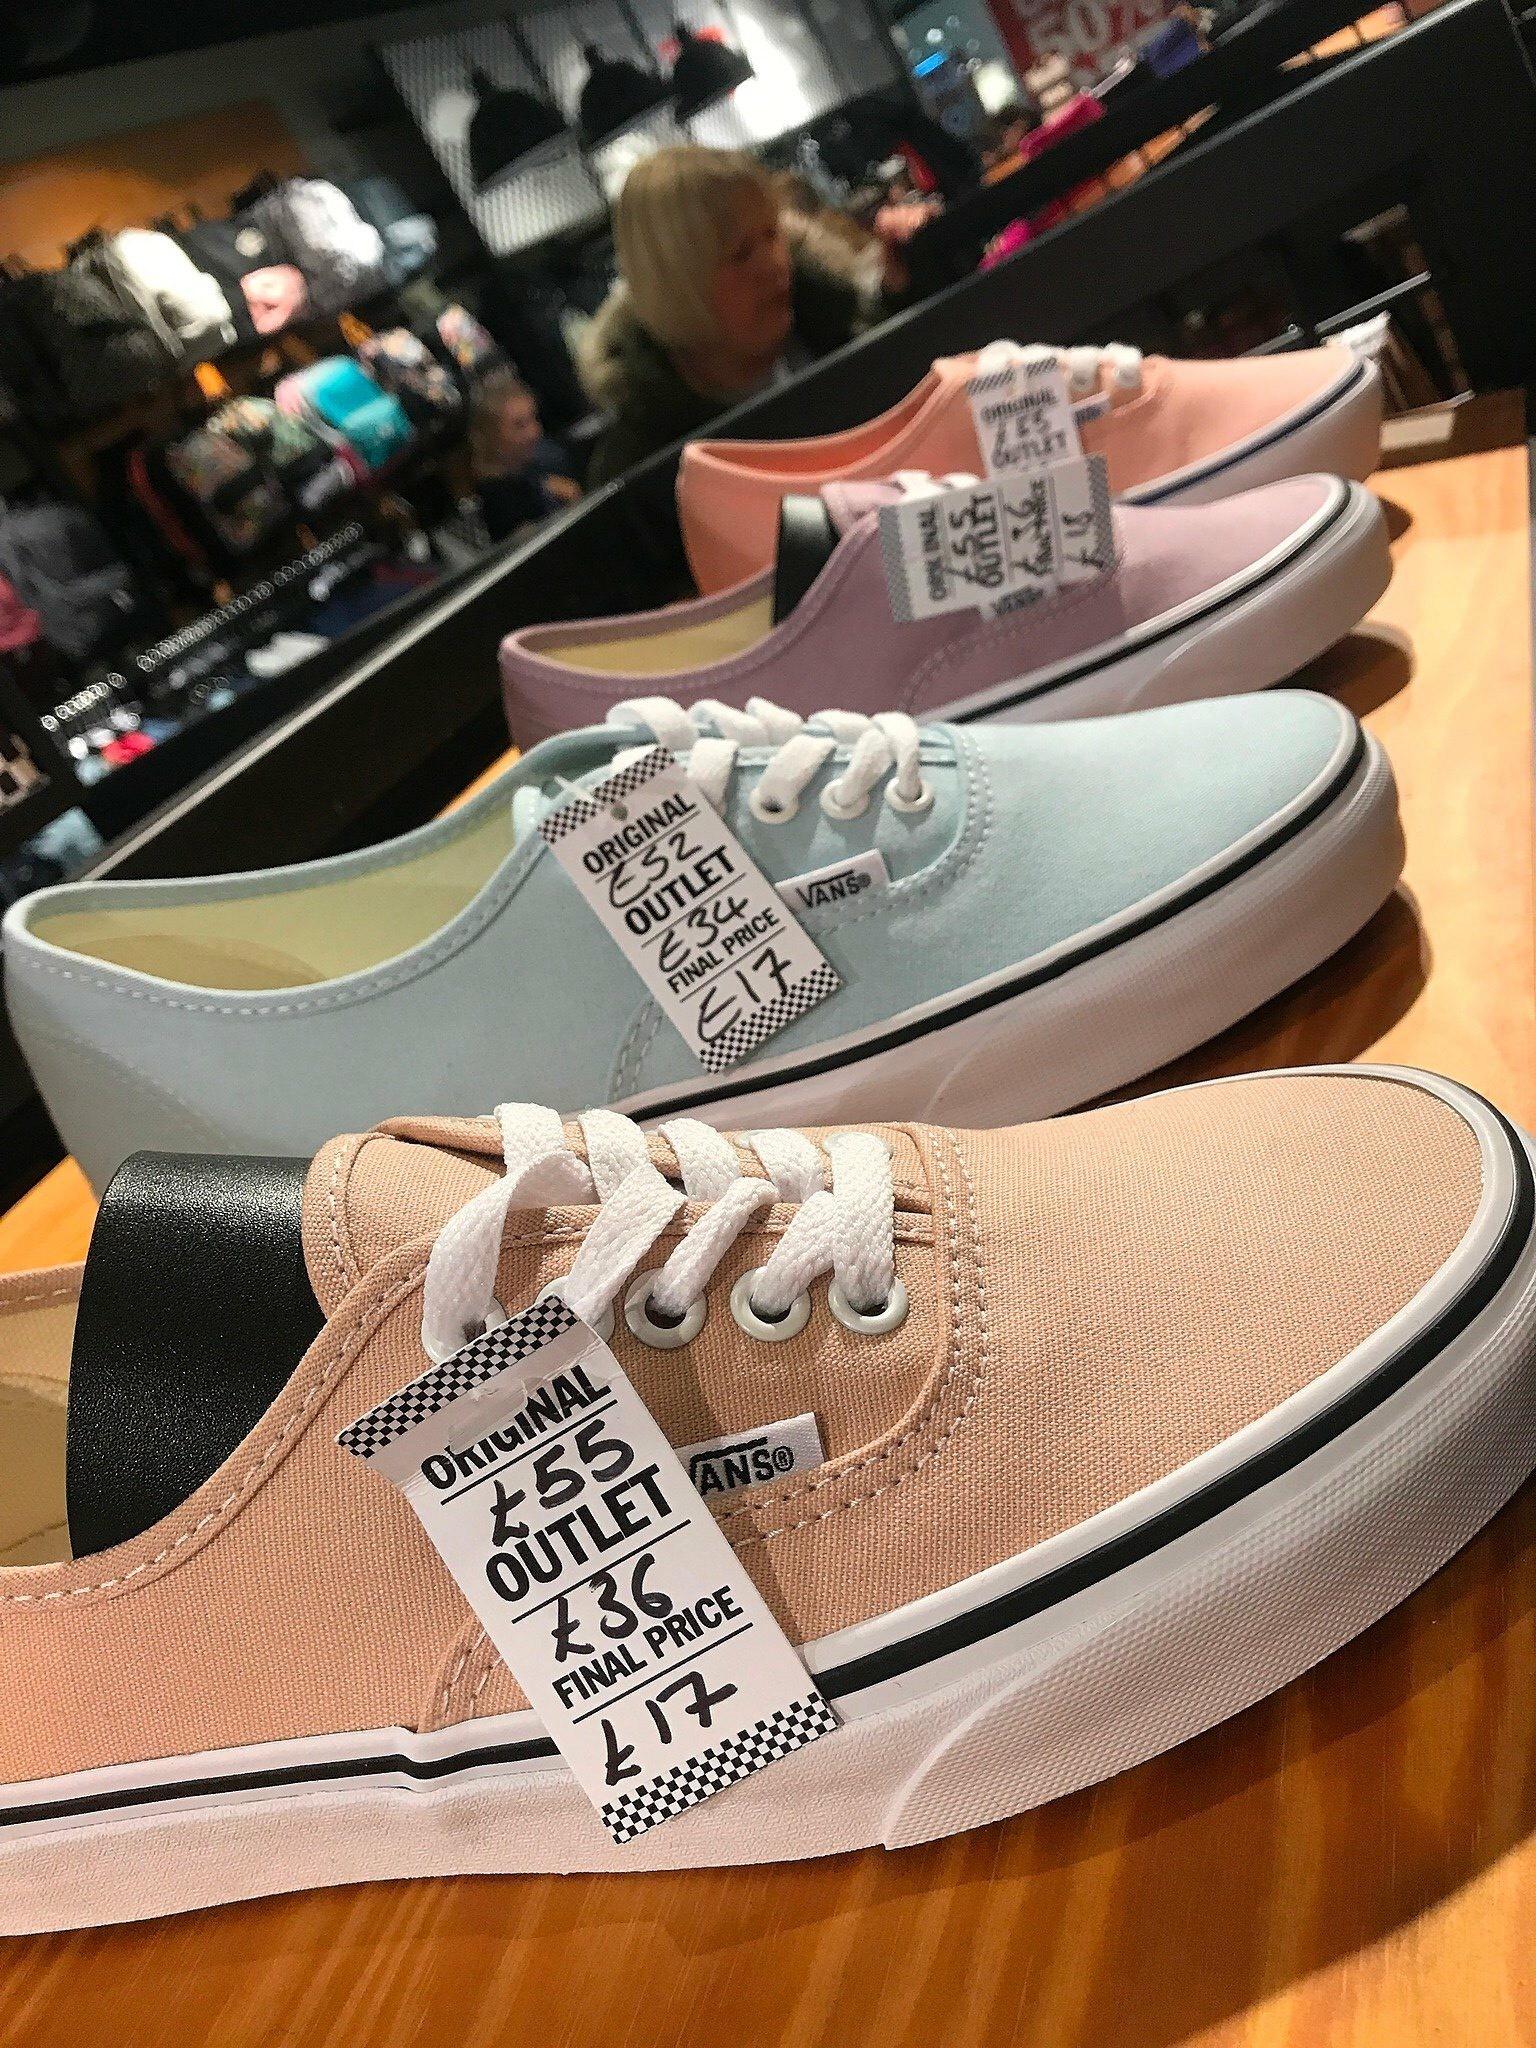 e4eb5deb191236 Vans Shop Deals   Sales for April 2019 - hotukdeals